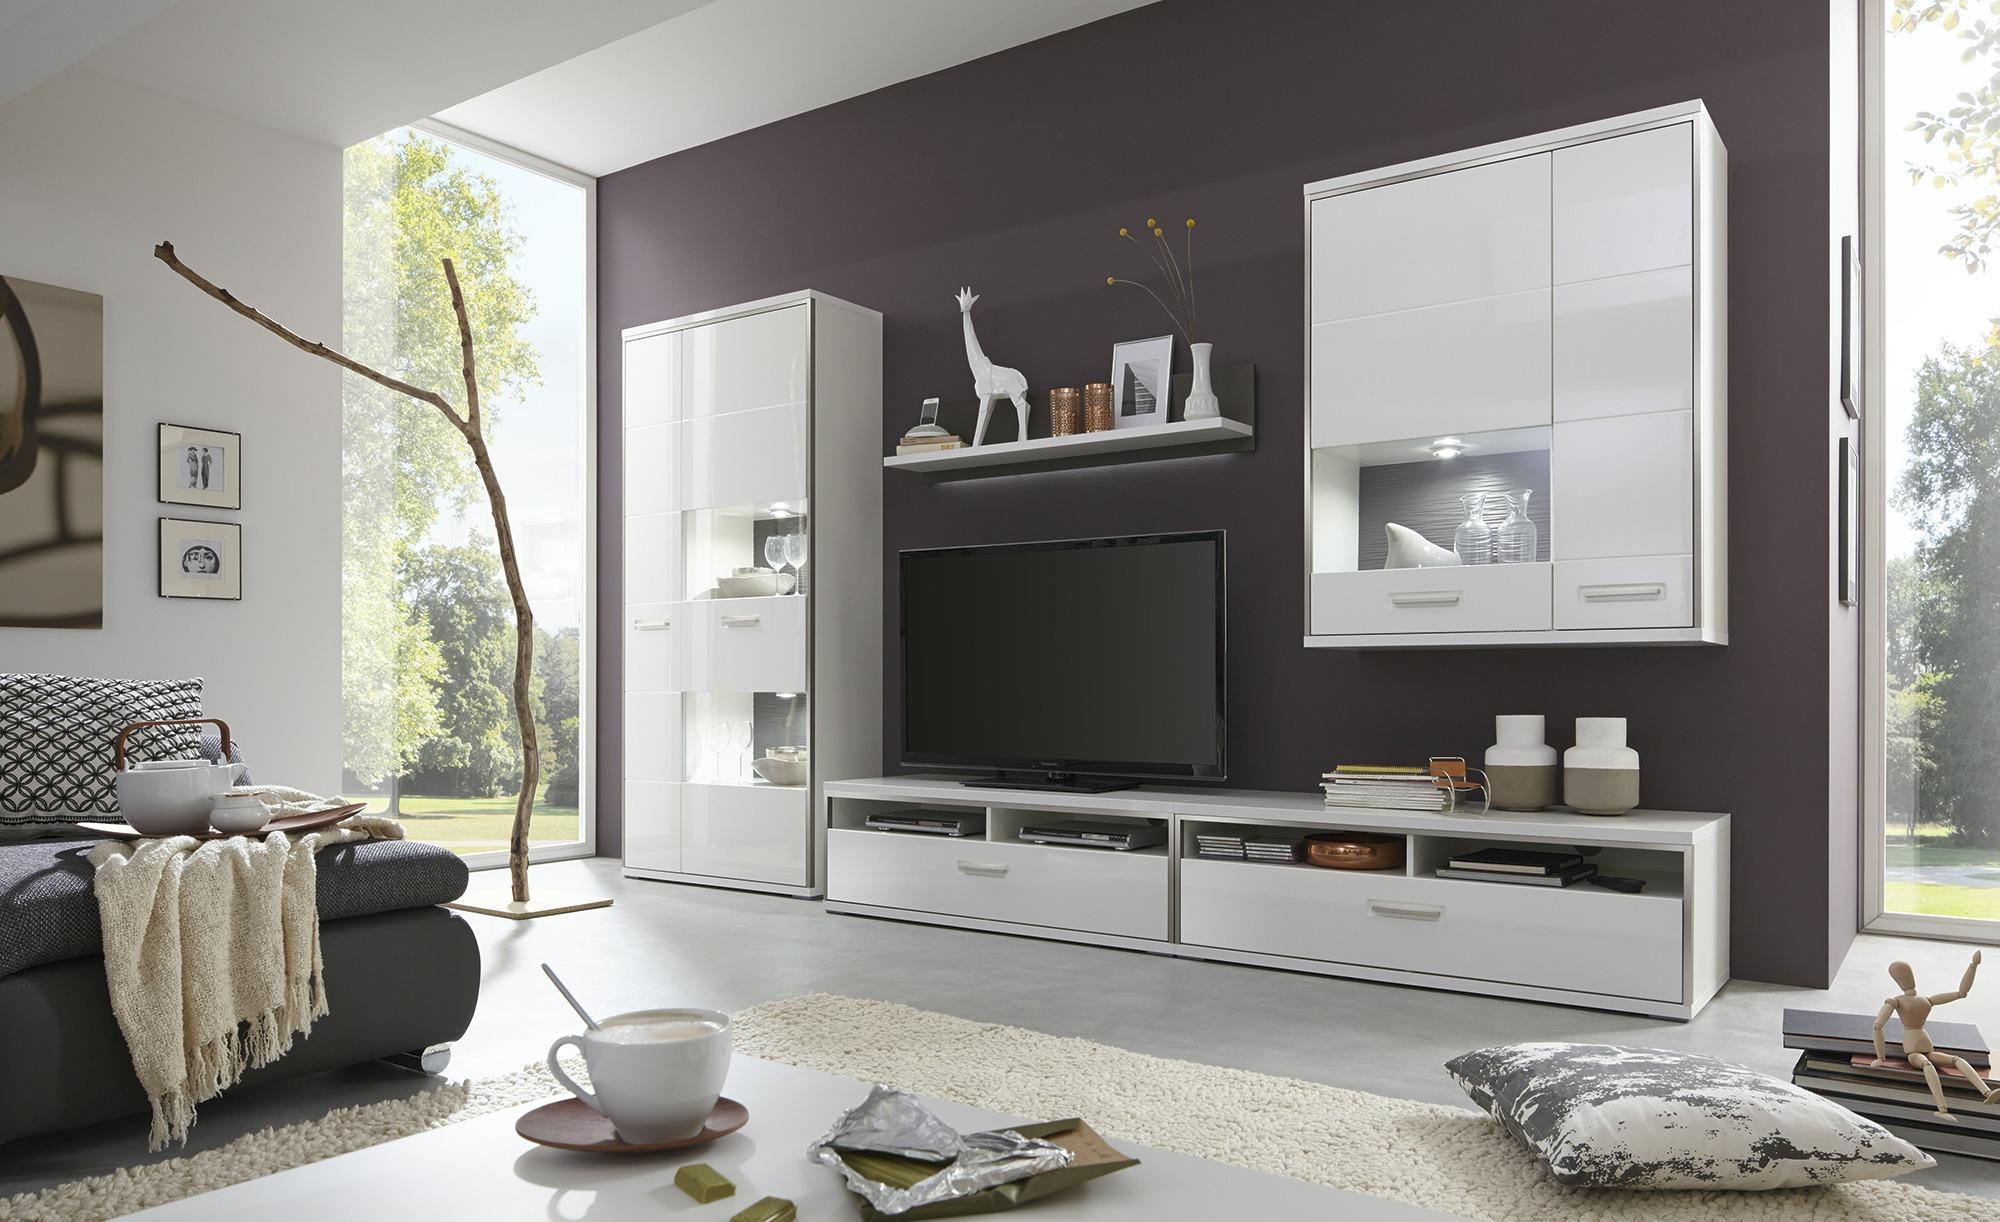 Uno Wohnwand Setto Gefunden Bei Mobel Hoffner Wohnzimmerschranke Wohnwand Modern Und Anbauwand Wohnzimmer